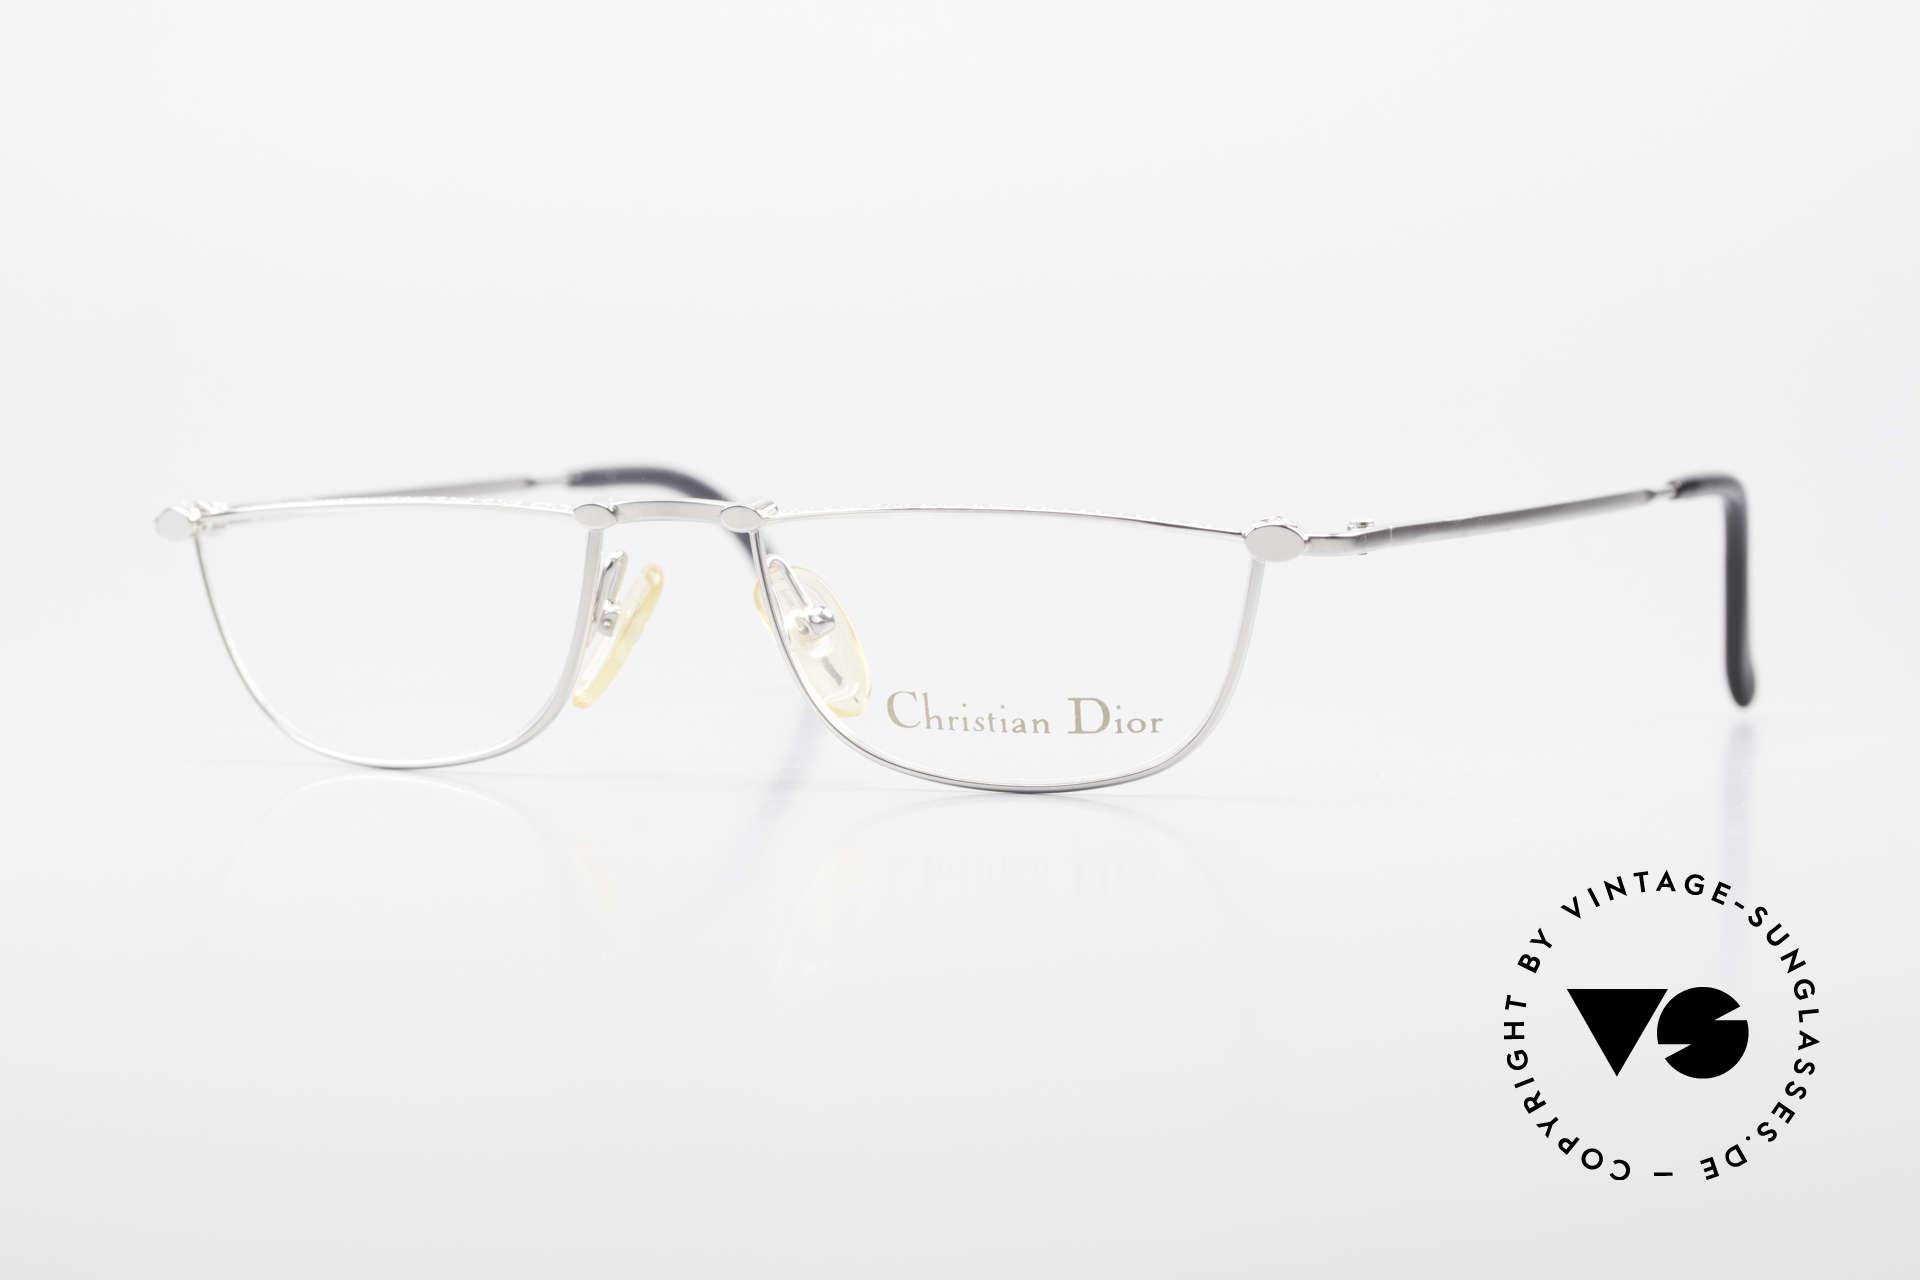 Christian Dior 2943 Designer Reading Glasses 90's, noble Christian Dior reading glasses from the 1990's, Made for Men and Women